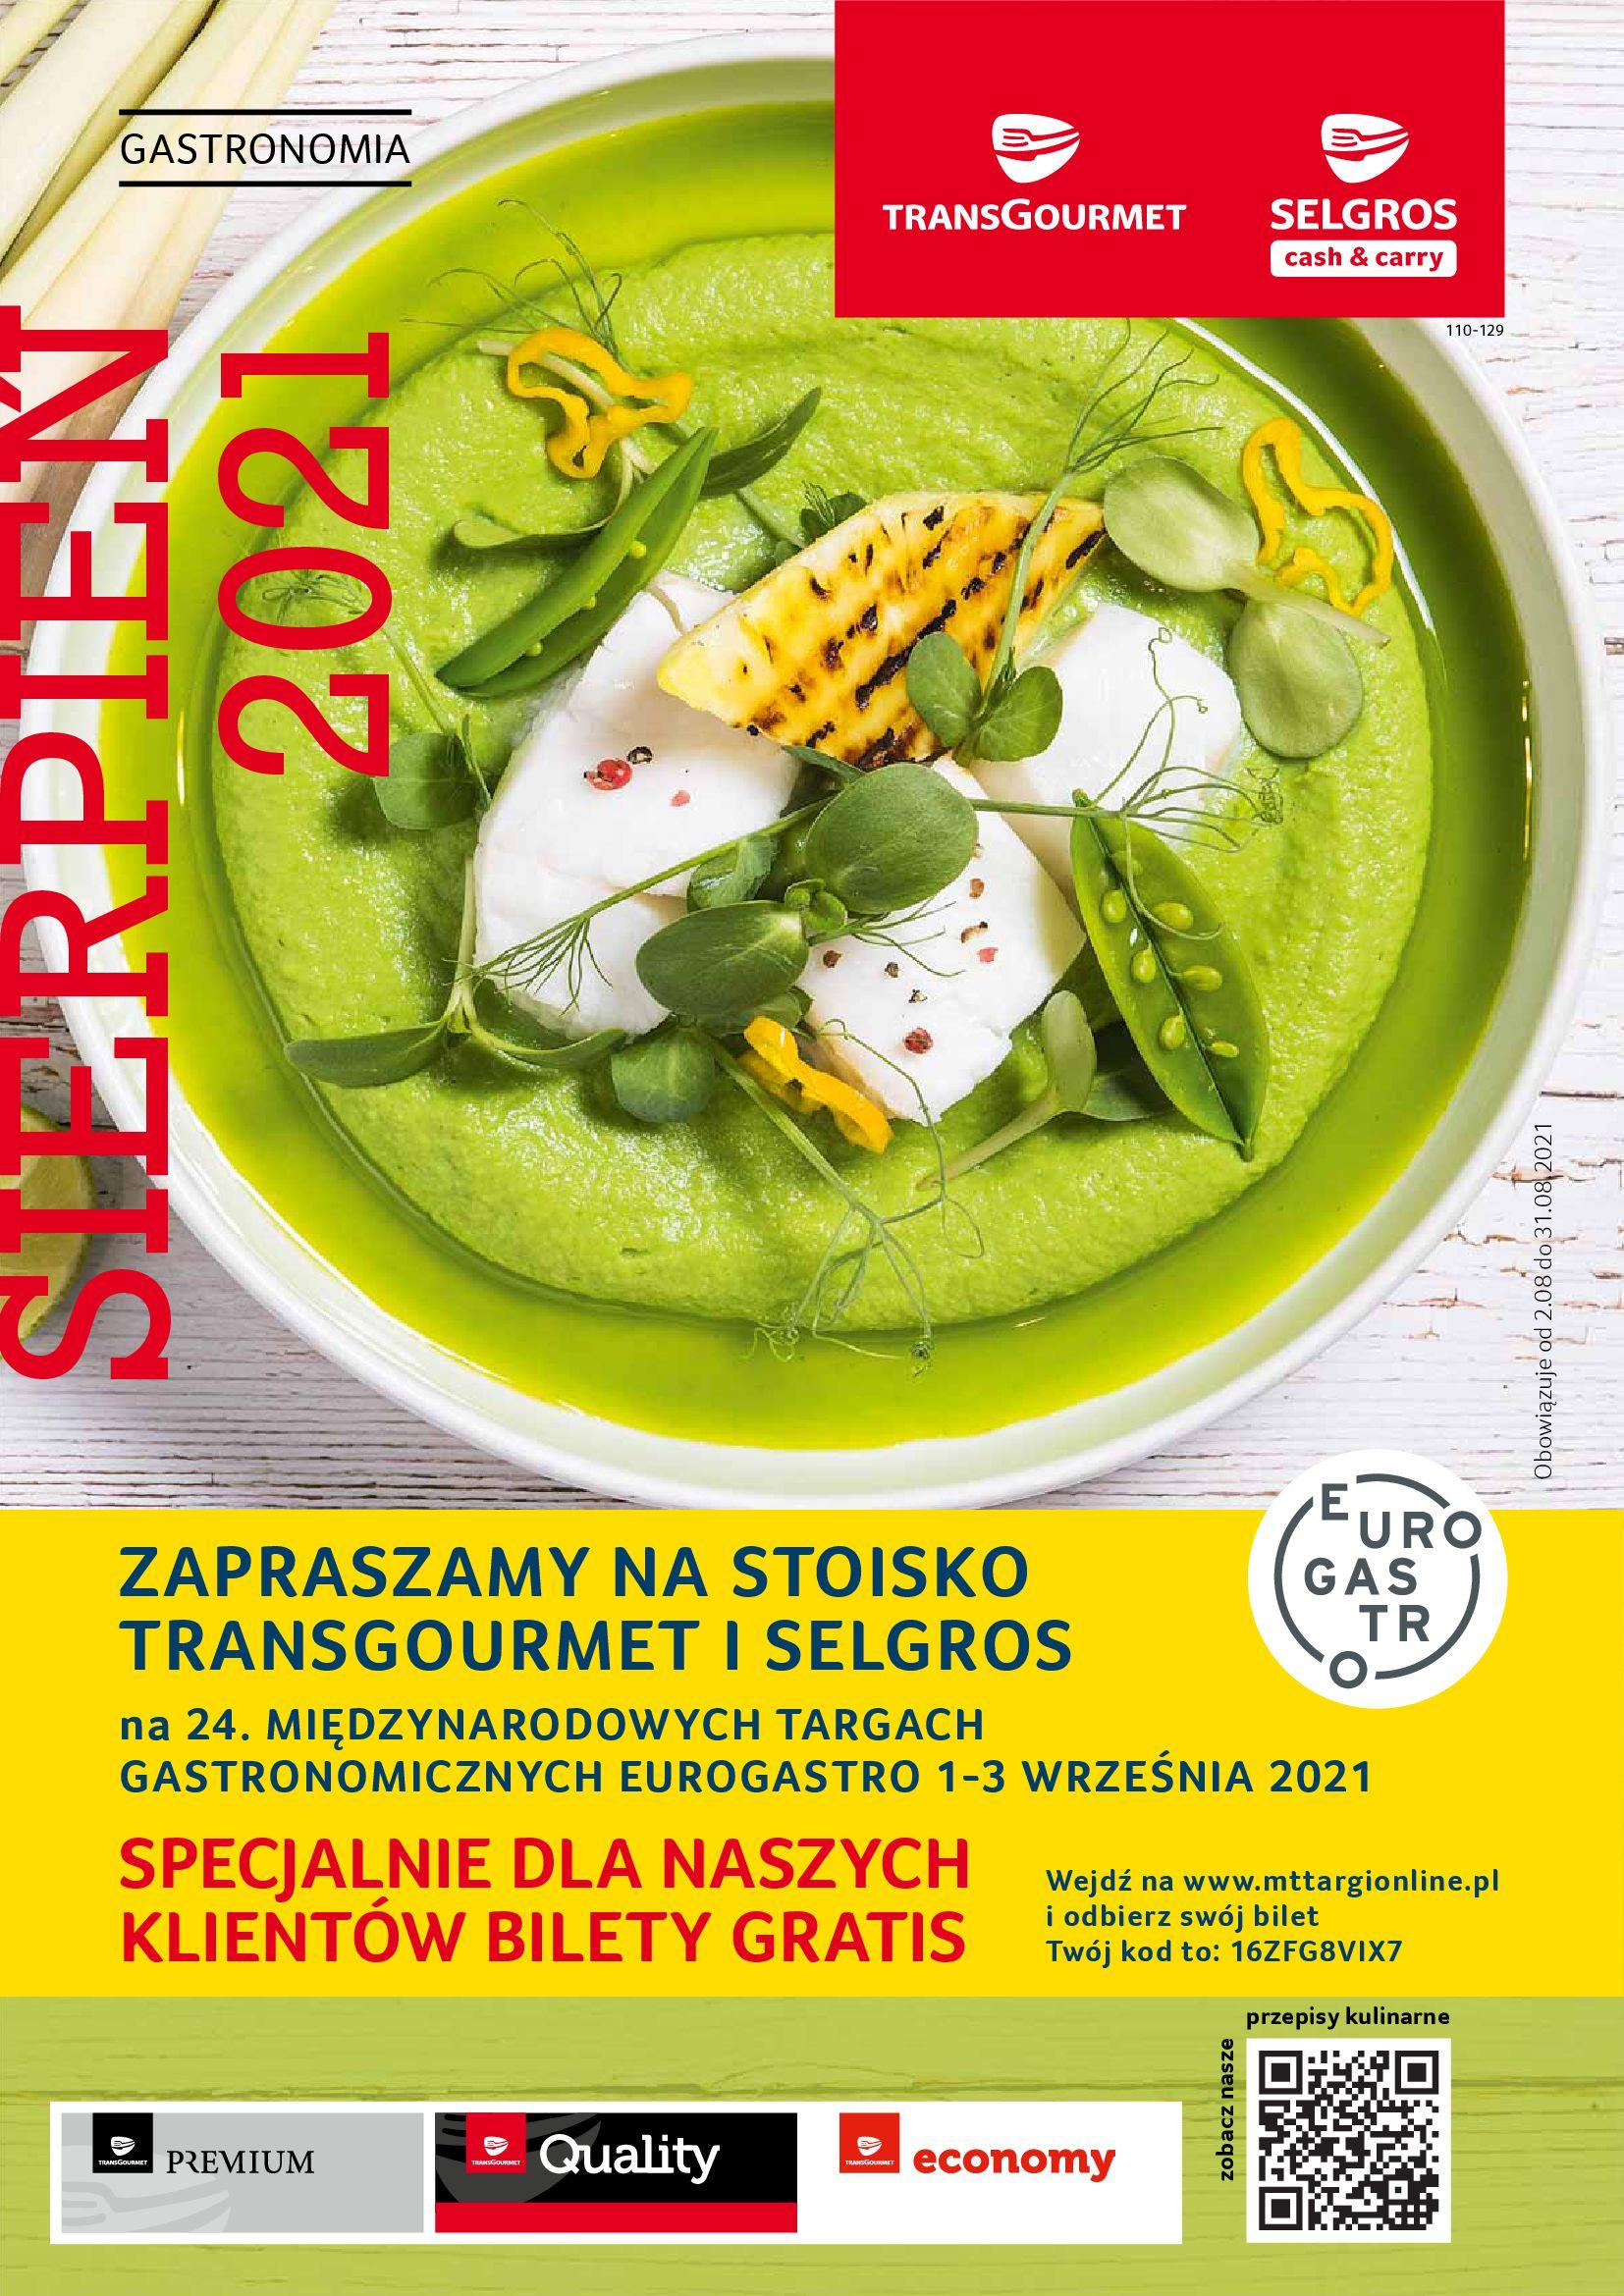 Gazetka Selgros: Gazetka Selgros - Gastronomia 2021-08-01 page-1